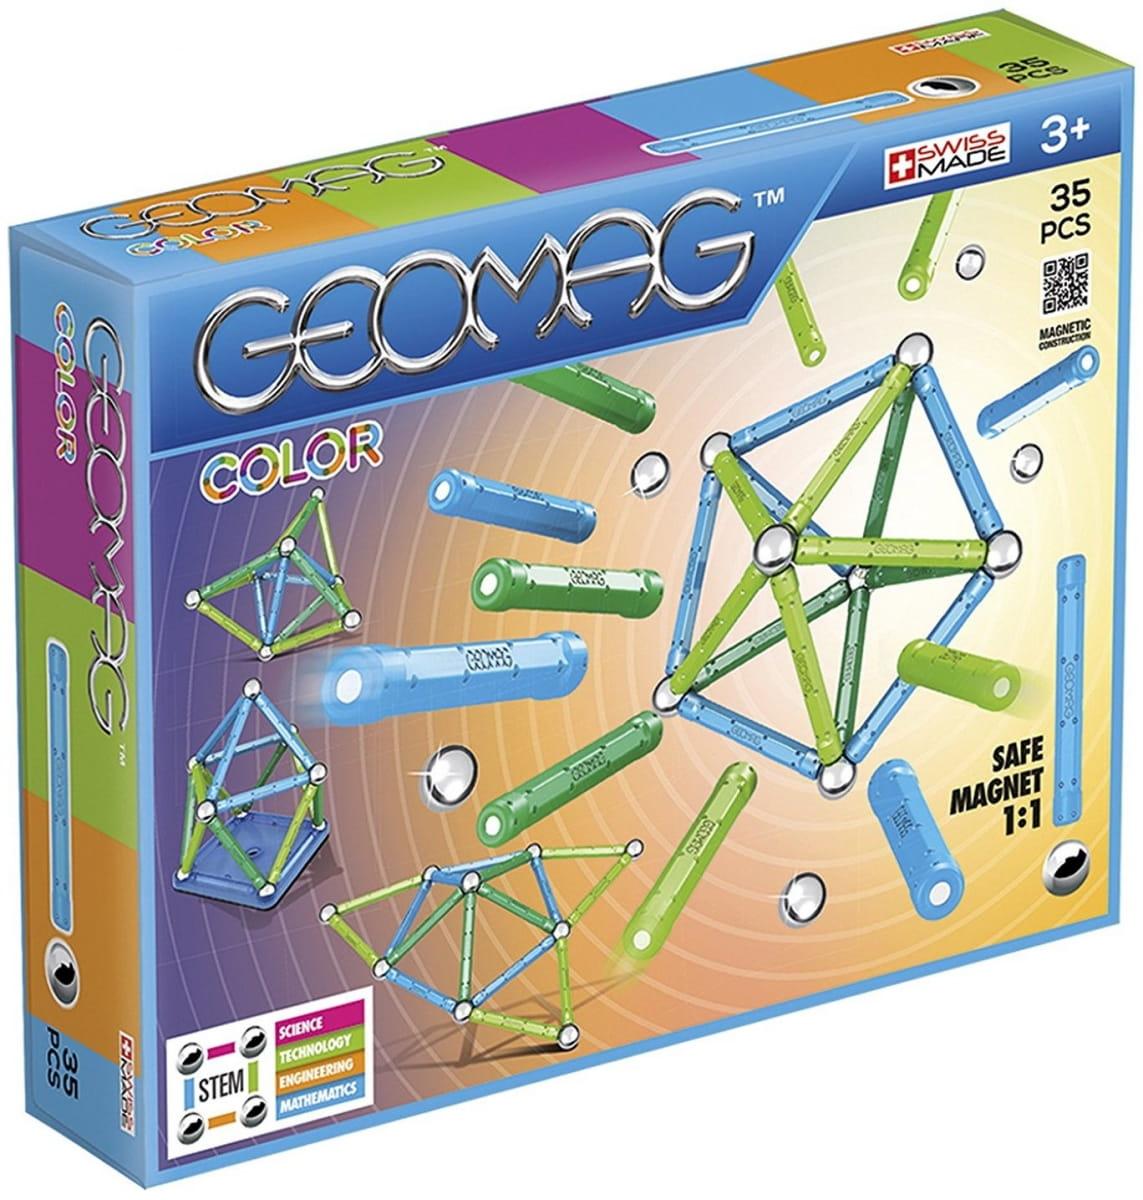 Магнитный конструктор GEOMAG Color - 35 деталей